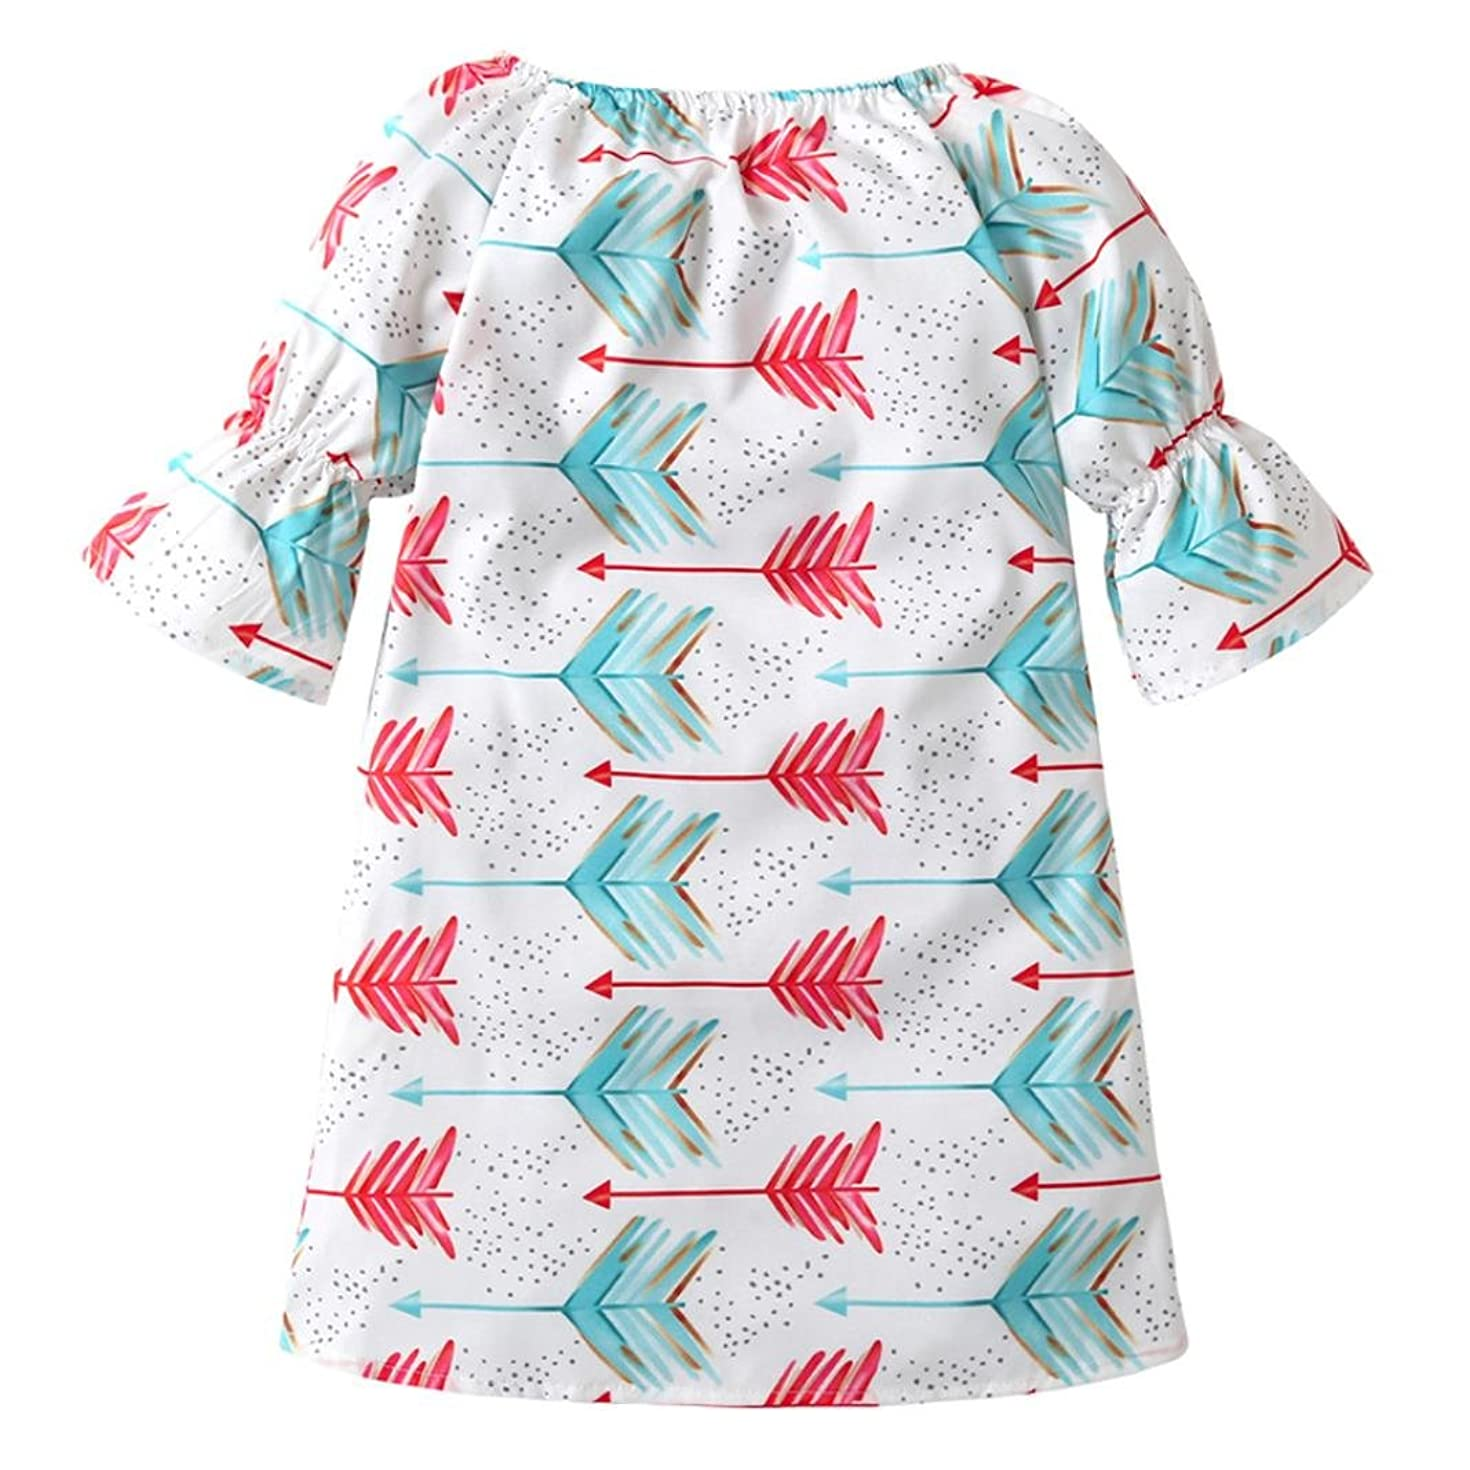 Boomboom Baby Girls Summer Dress, Newborn Baby Girl Arrow Print A-Line Princess Sleeveless Dress